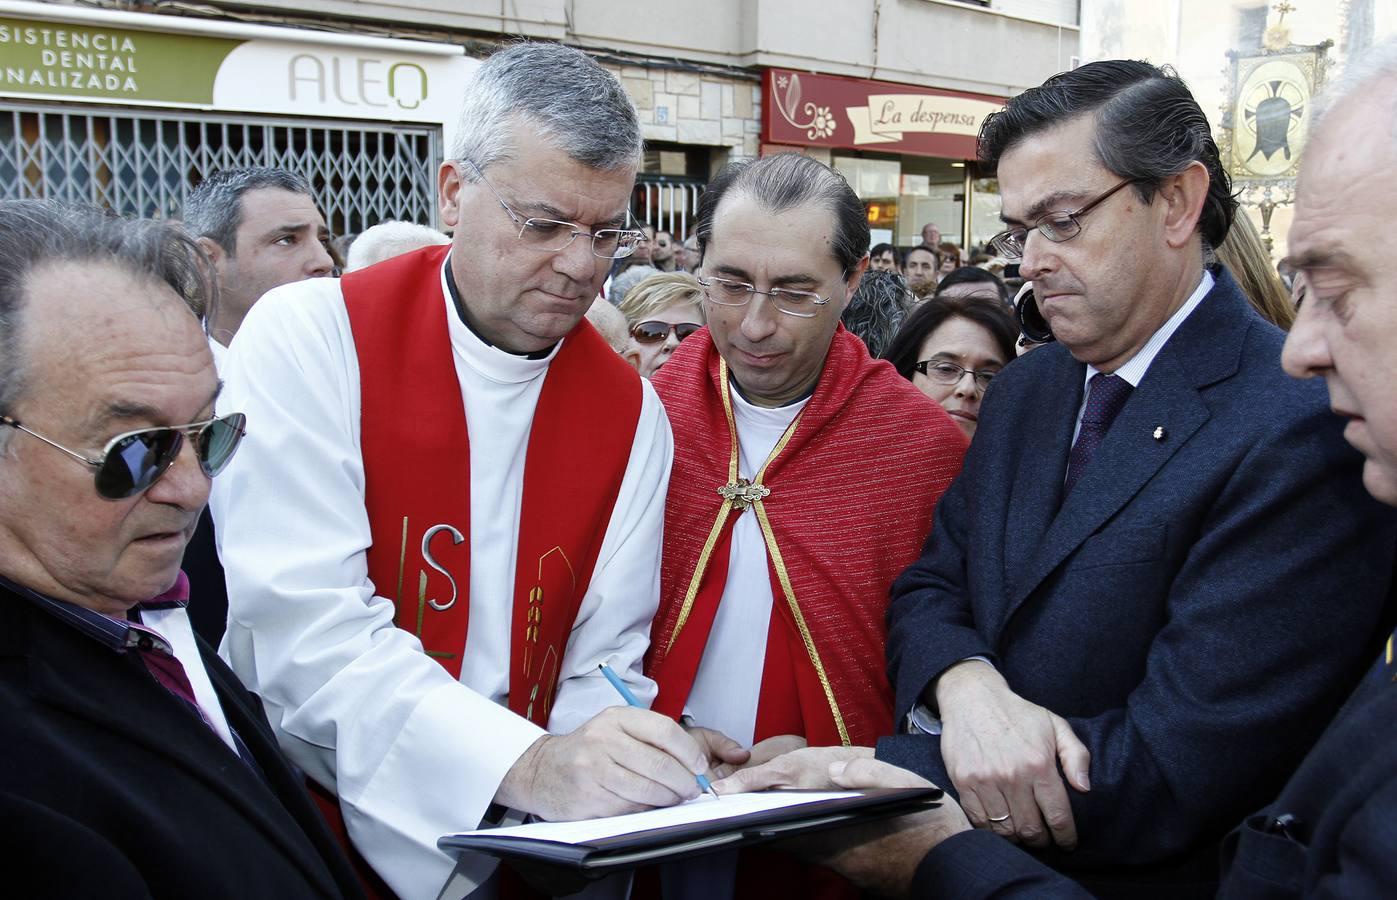 Cientos de personas toman parte en la peregrinación del 525 aniversario de la Santa Faz